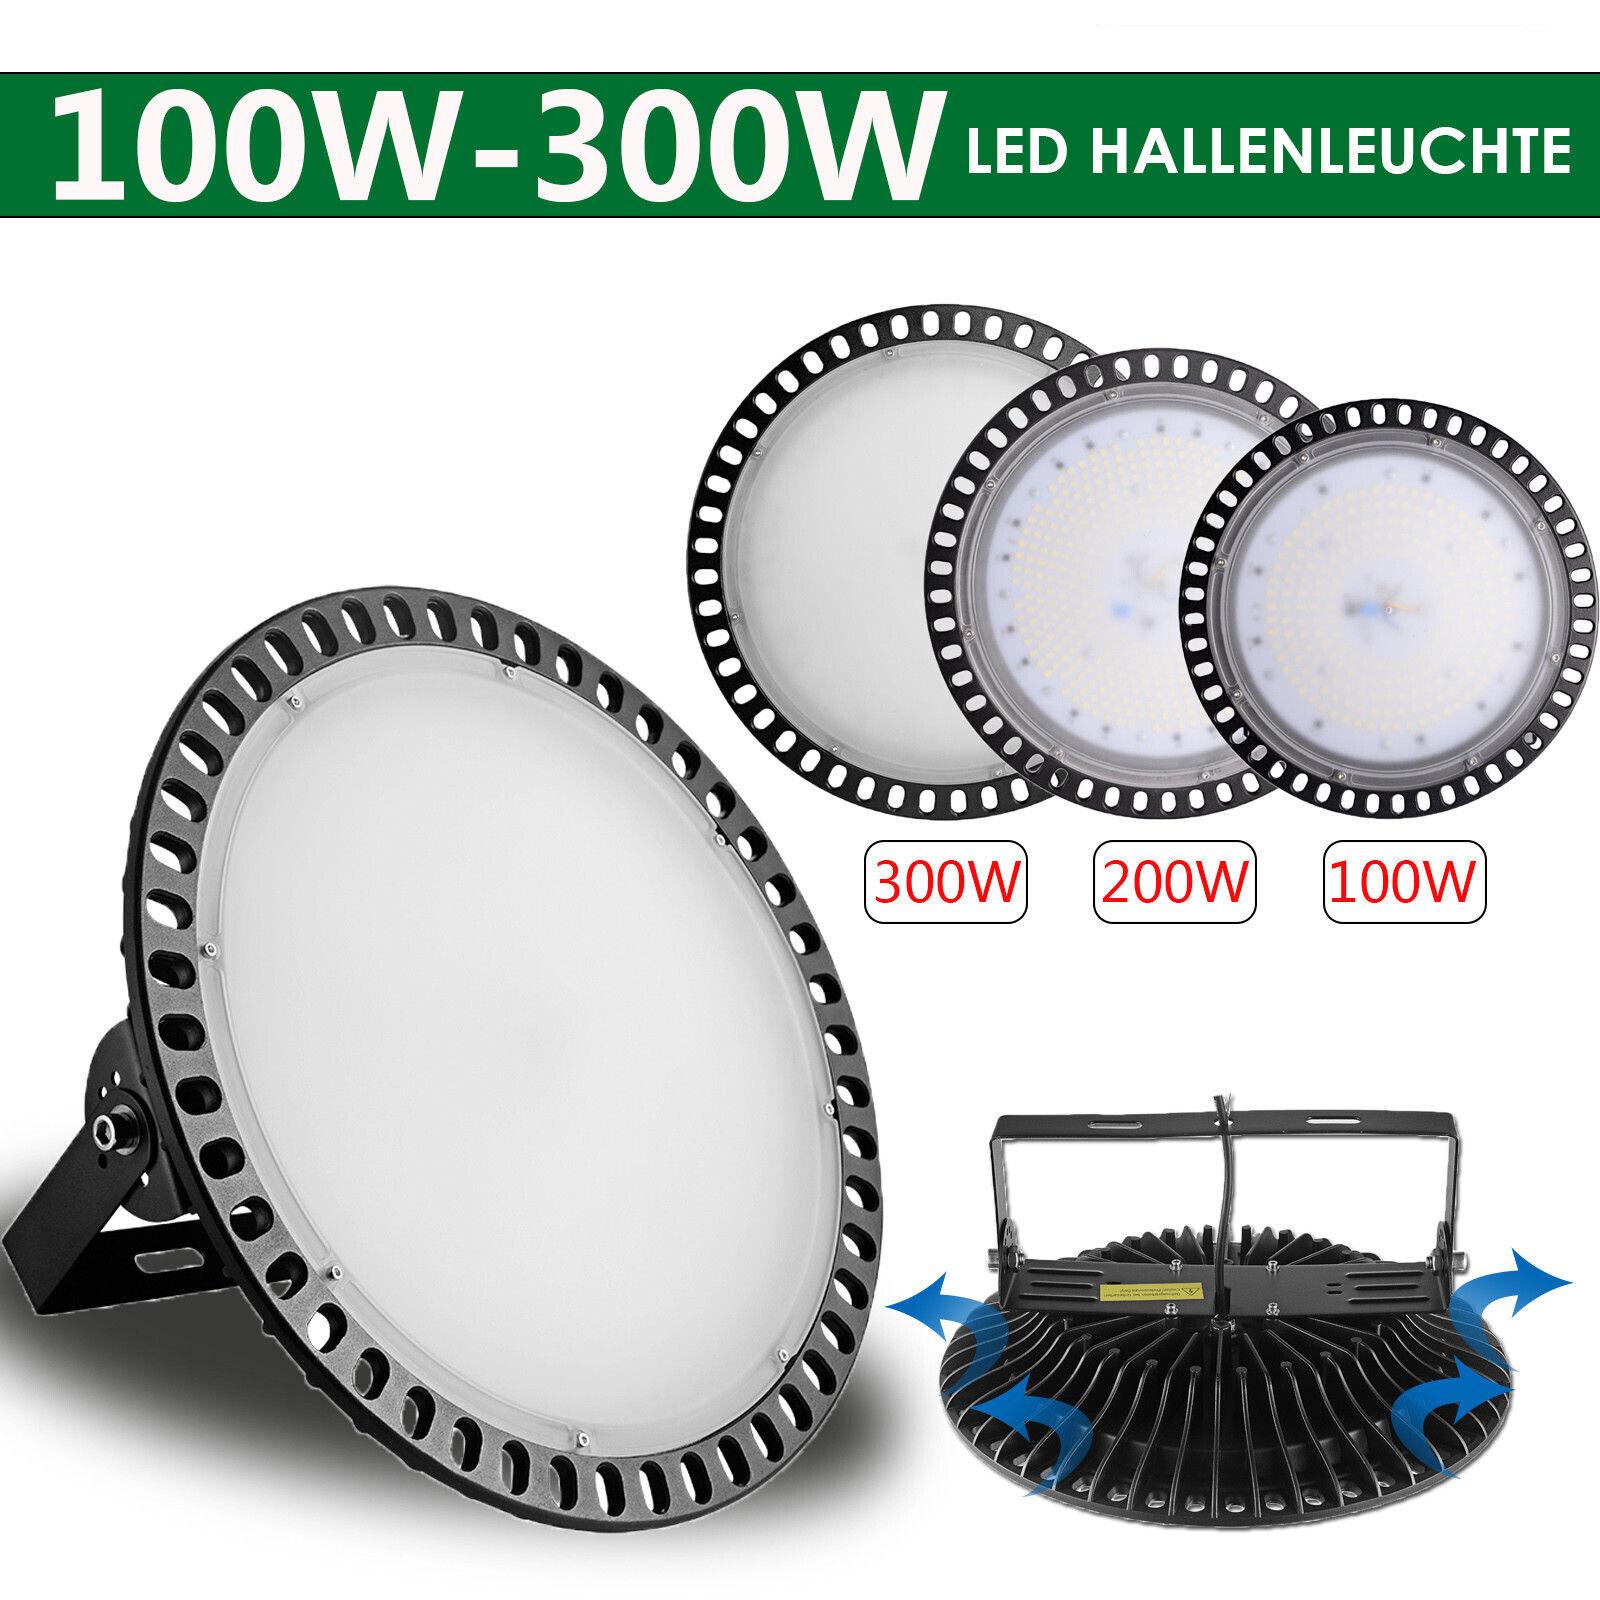 100W 200W 300W UFO LED Hallenleuchte Fluter High Bay Licht Strahler Kaltweiß DHL